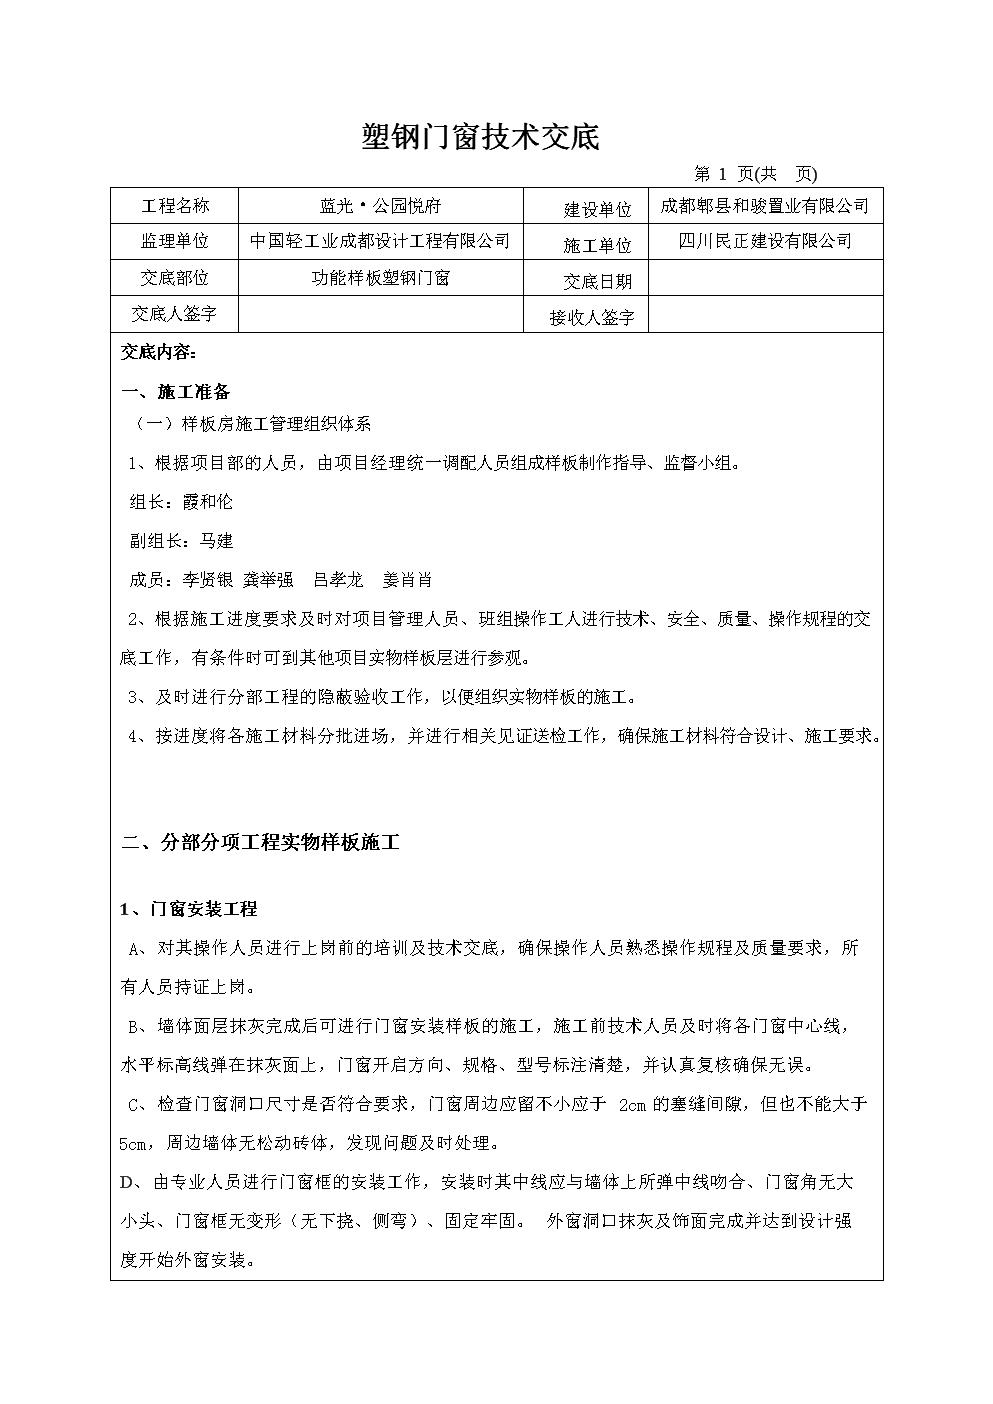 塑钢门窗技术交底(样板).doc